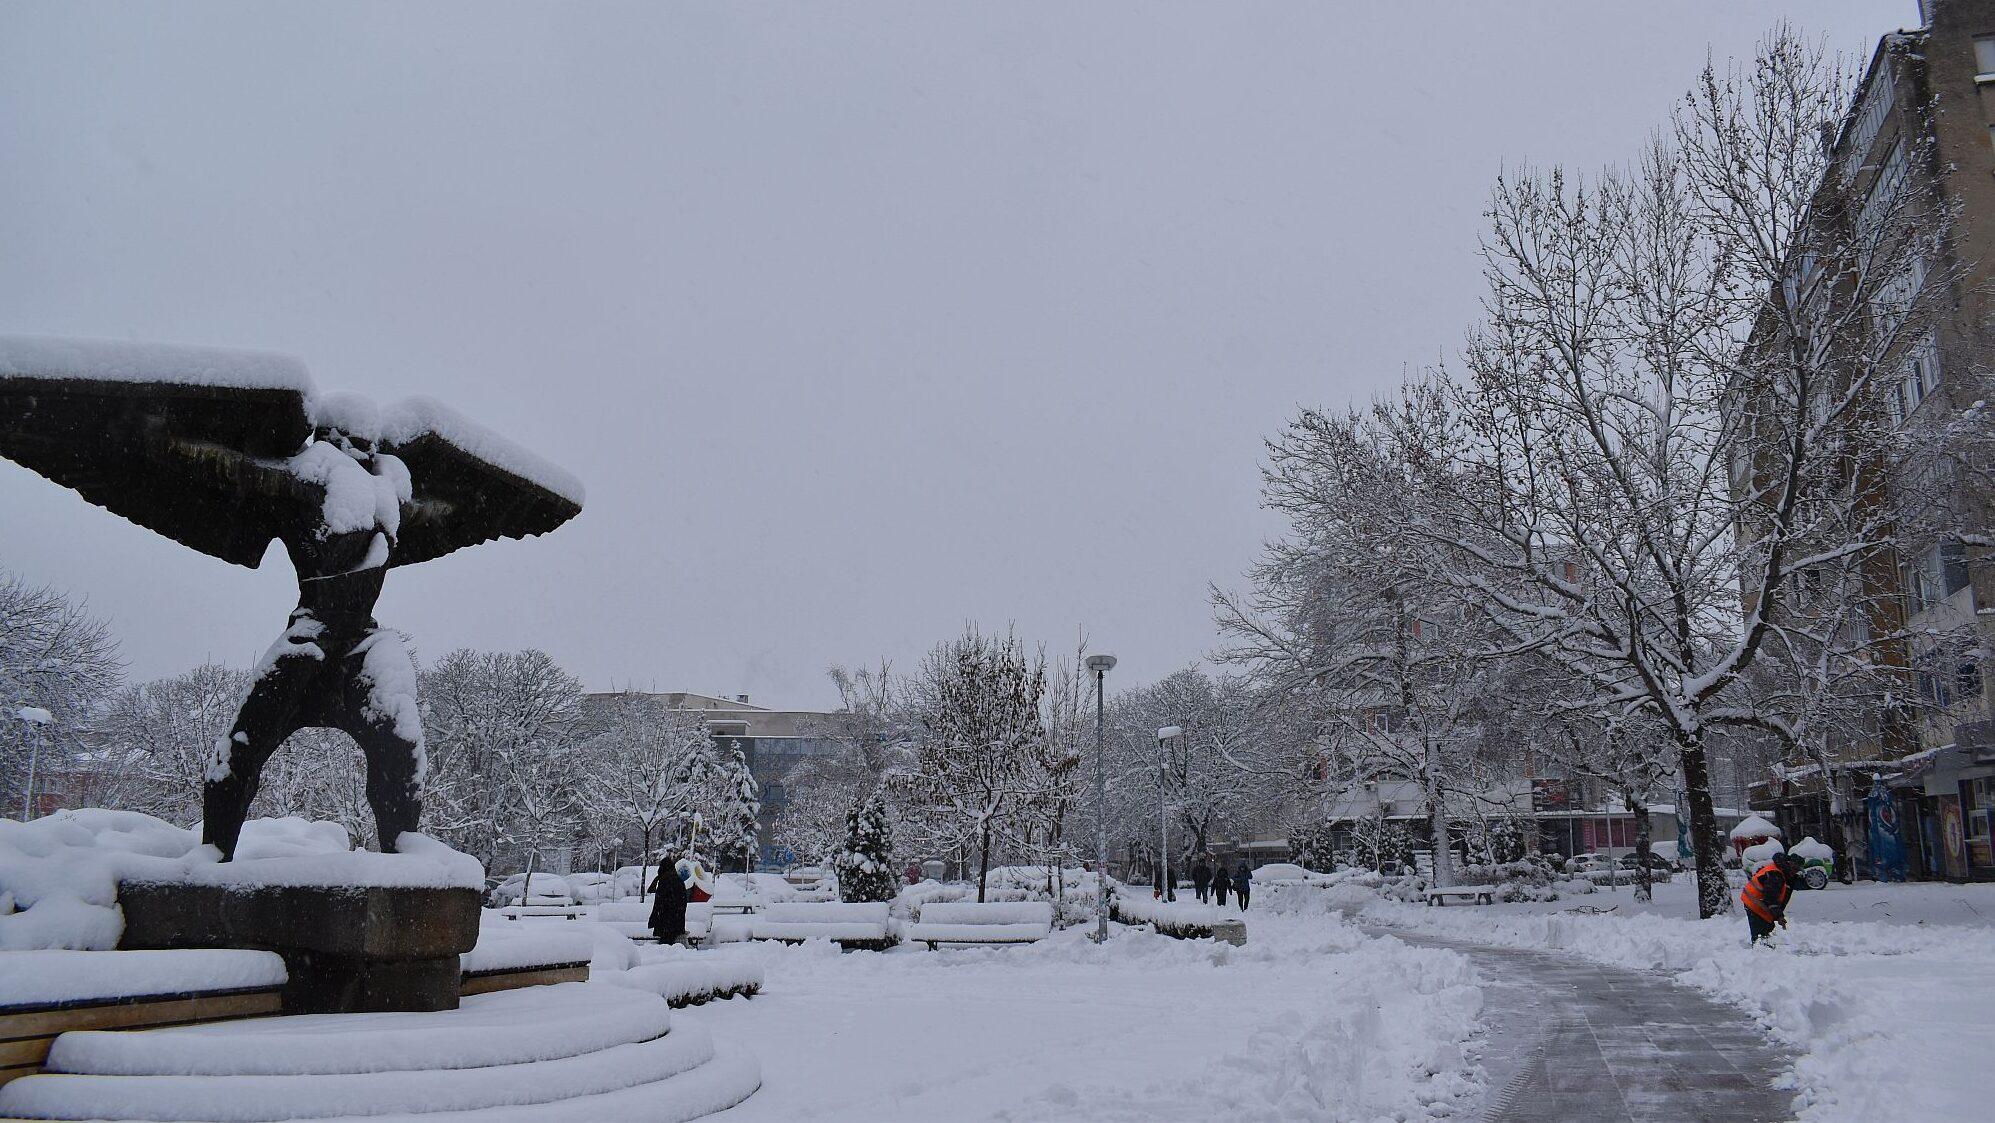 Заради навяванията е затруднено снегопочистването, 7 м ...